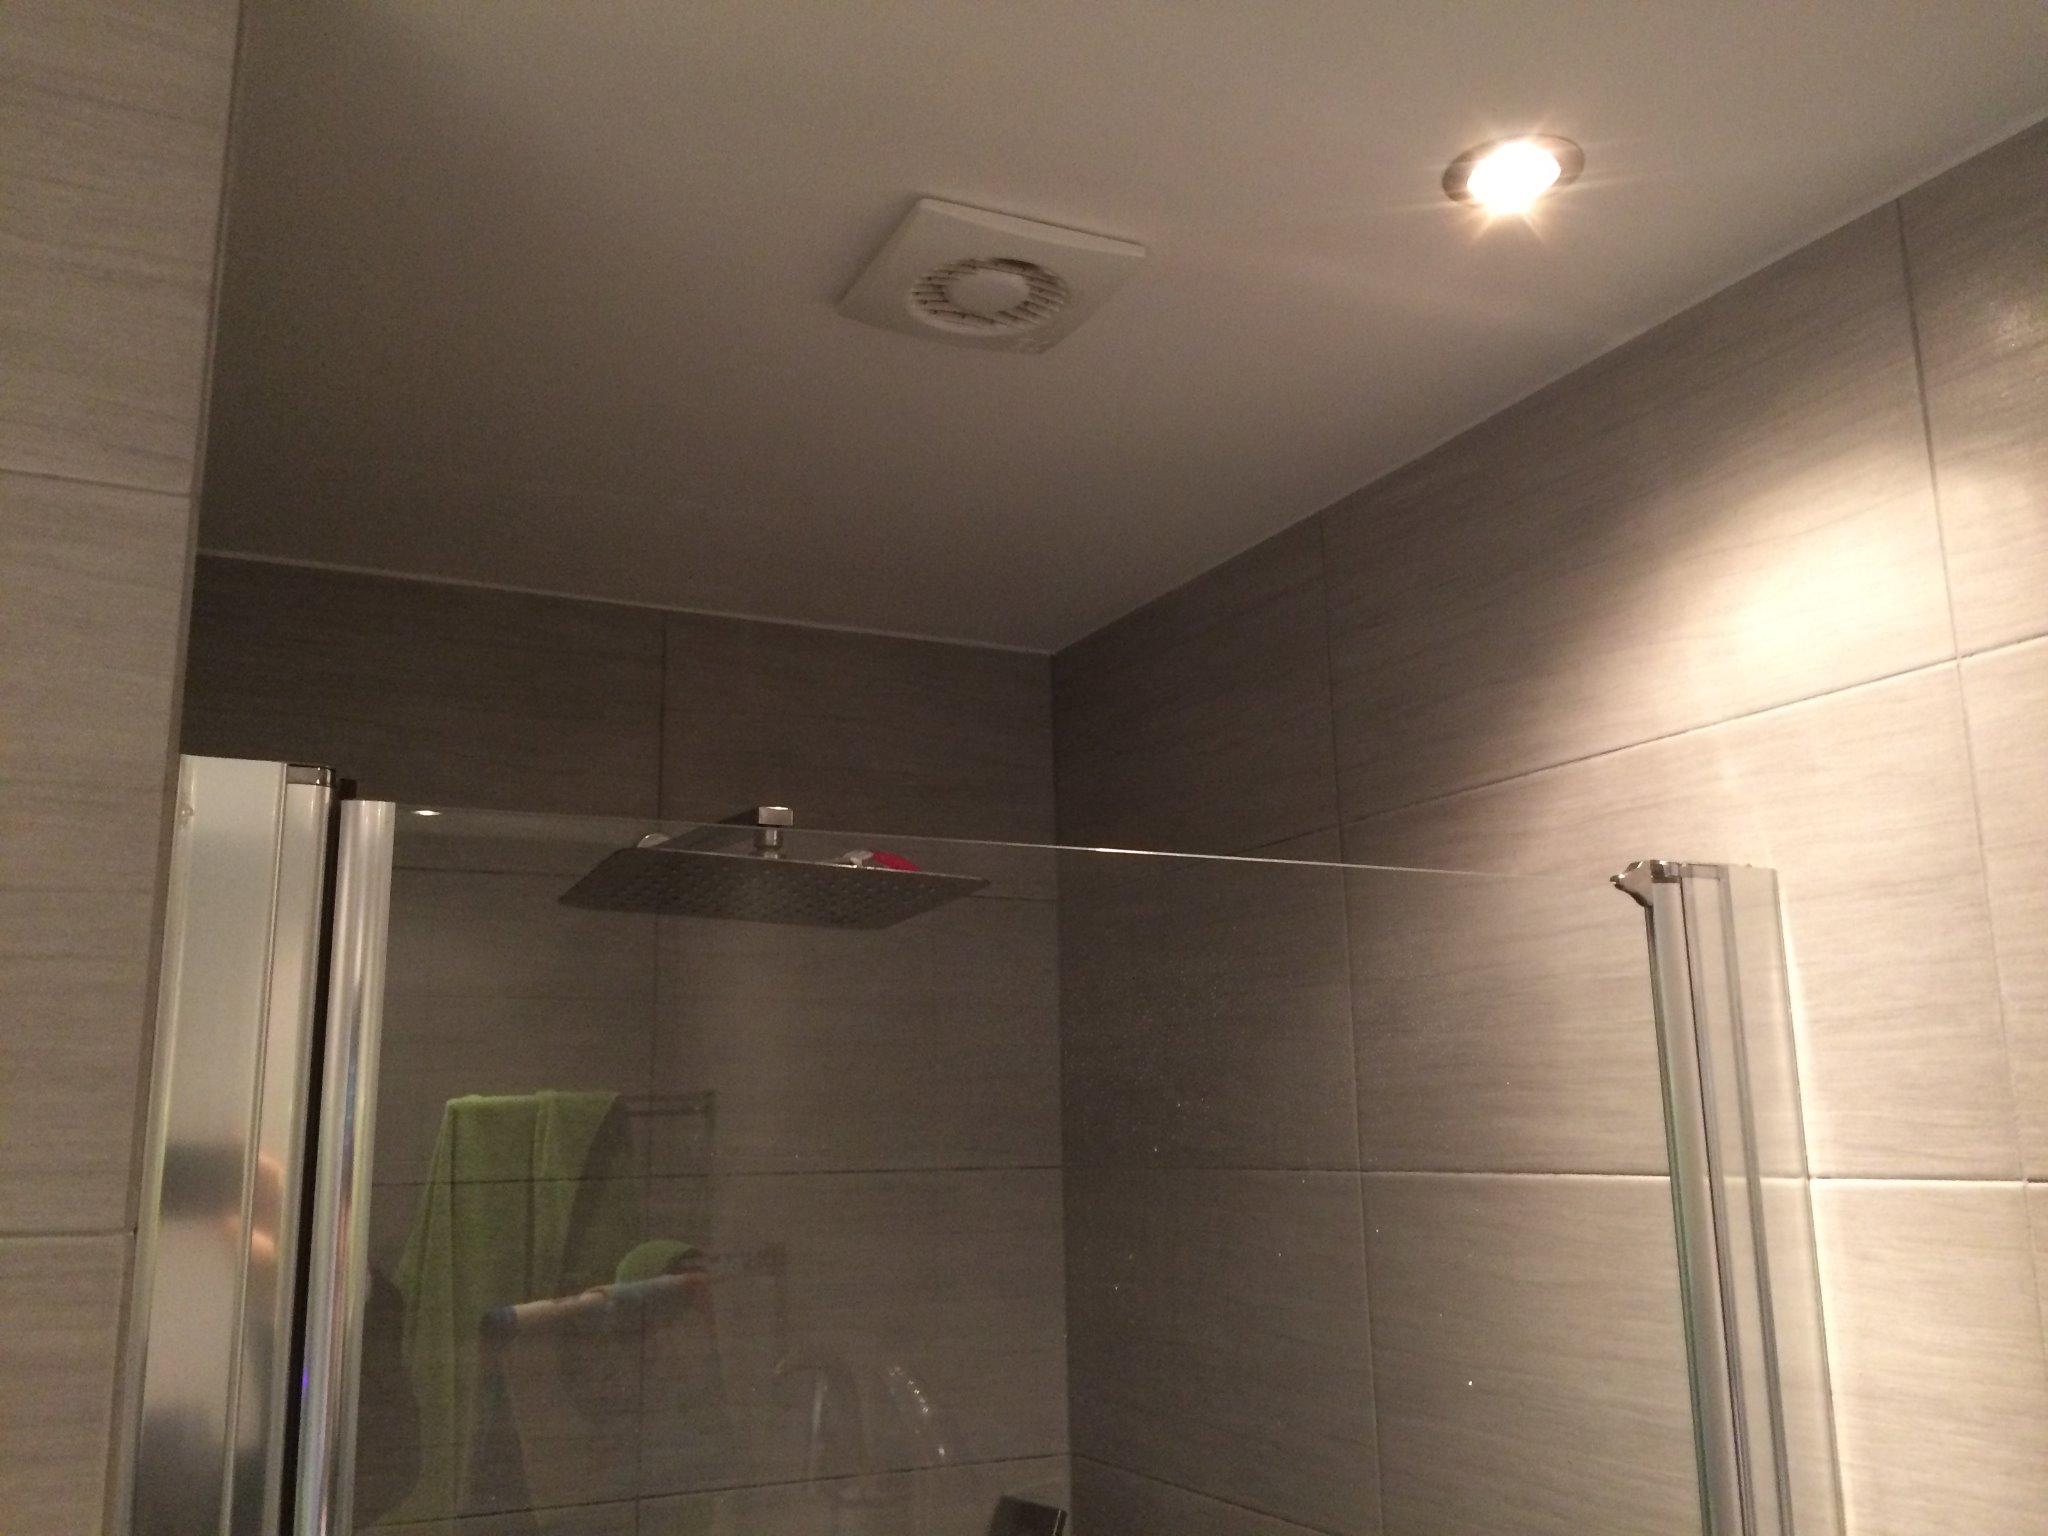 Ventilatie Badkamer Muur : Aanpassen afzuiging toilet en badkamer en kanaal maken afzuigkap